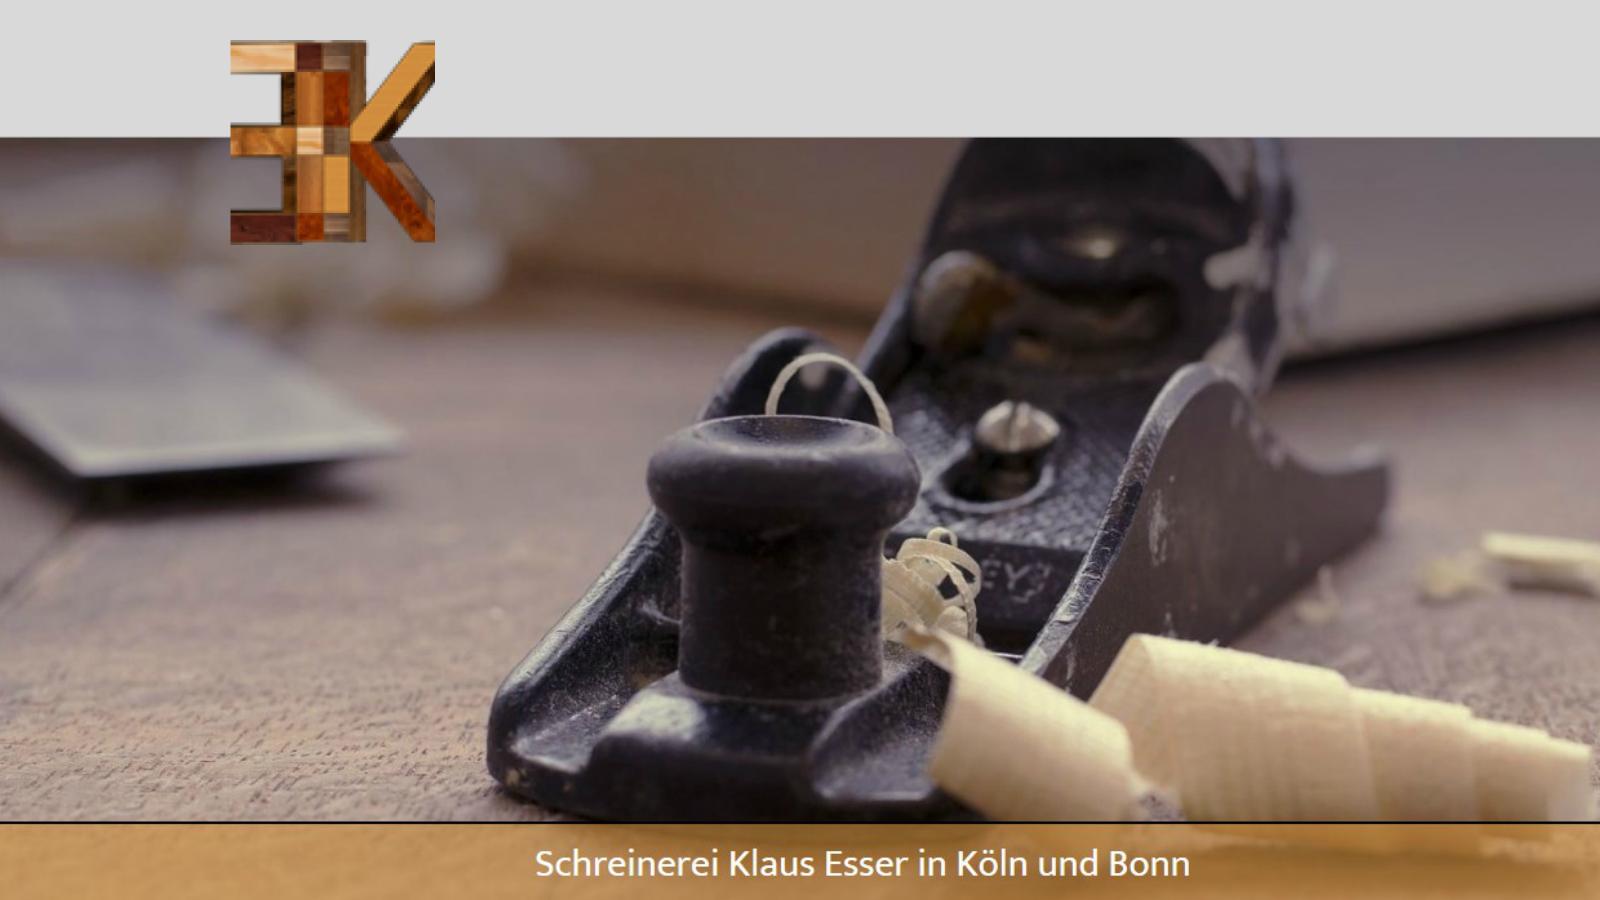 Schreinerei Klaus Esser